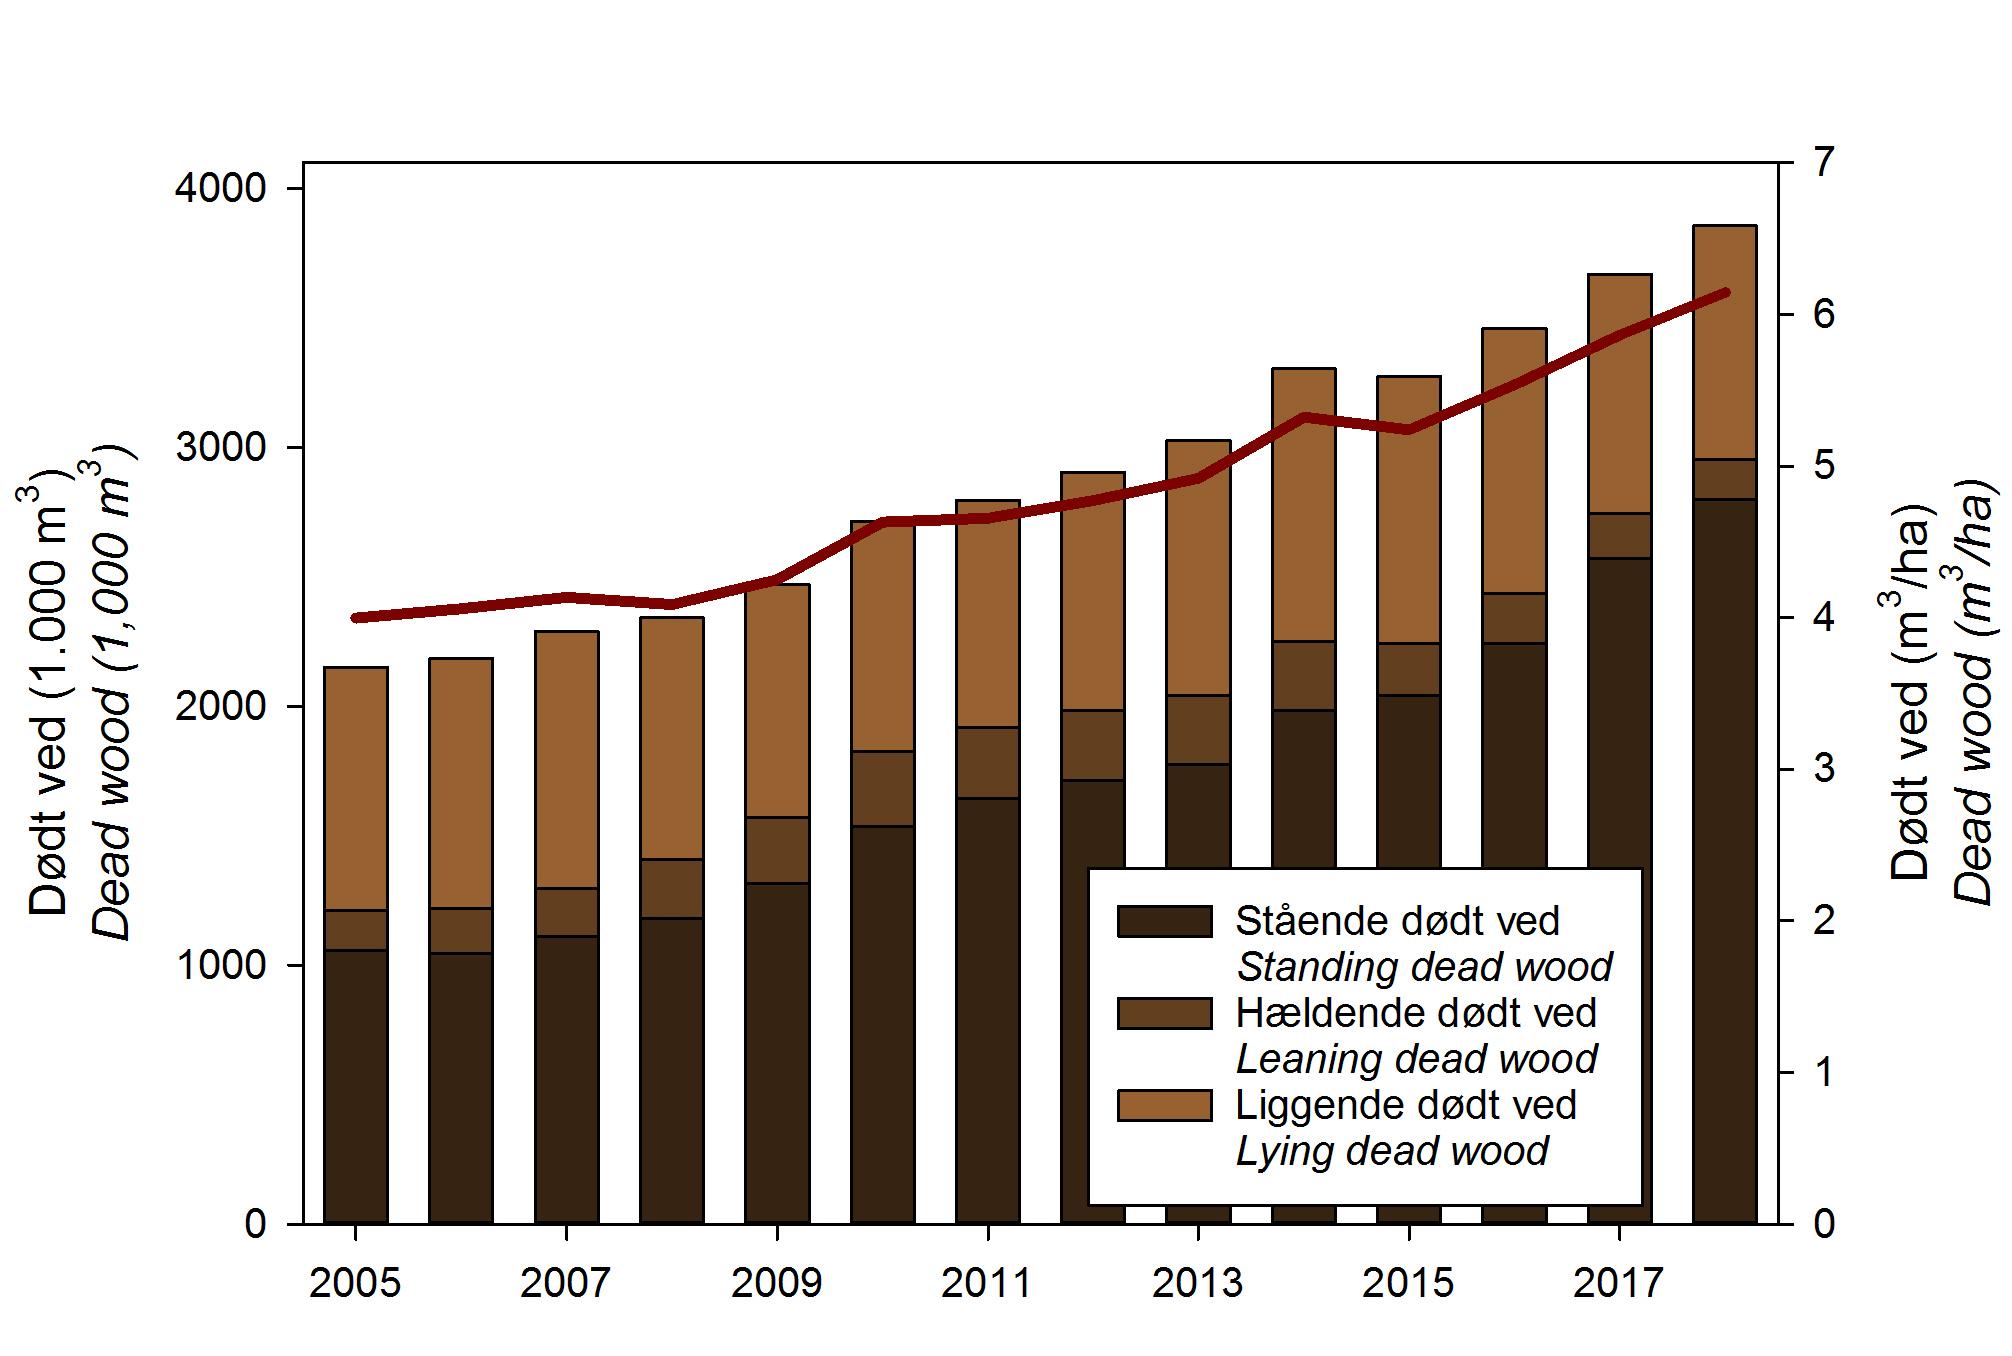 Den faktiske udvikling i mængderne af dødt ved i de danske skove efter fejlen i datahåndteringen er rettet. Den mørkerøde kurve viser udviklingen i dødt ved per hektar. De enkelte datapunkter er beregnet som glidende gennemsnit baseret på fem års målinger.